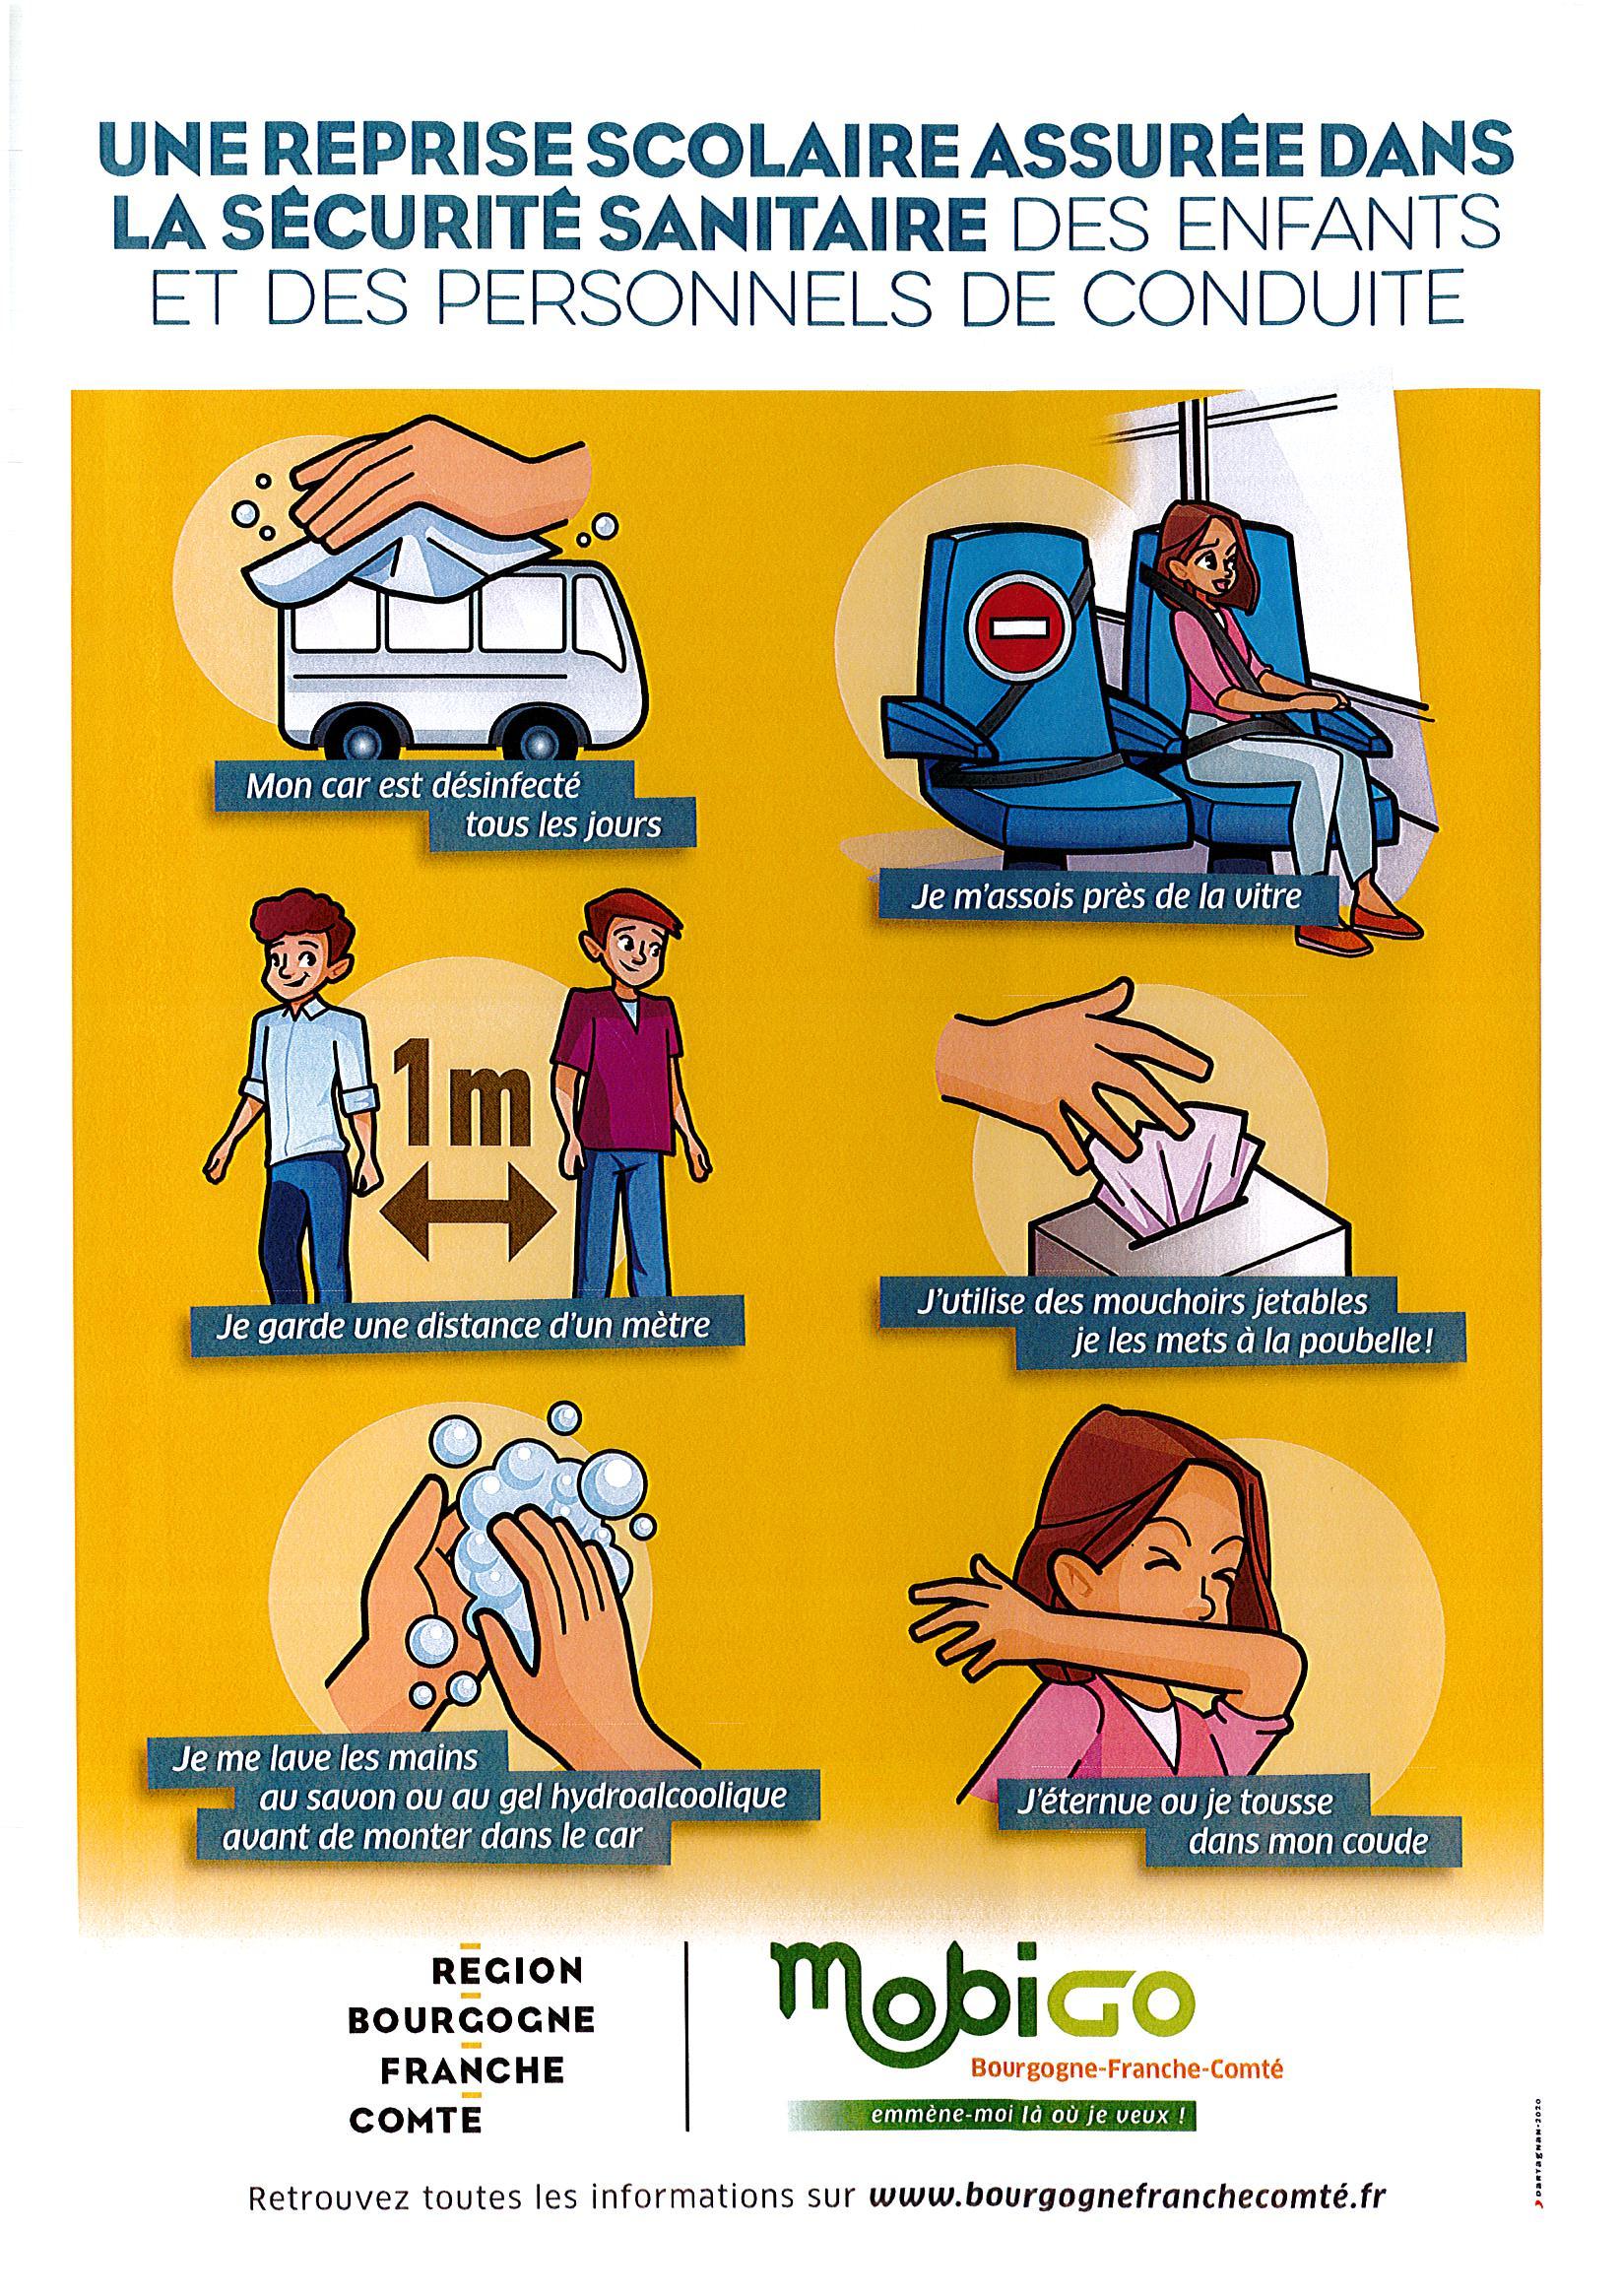 mobigo transport scolaire_Page_1.jpg